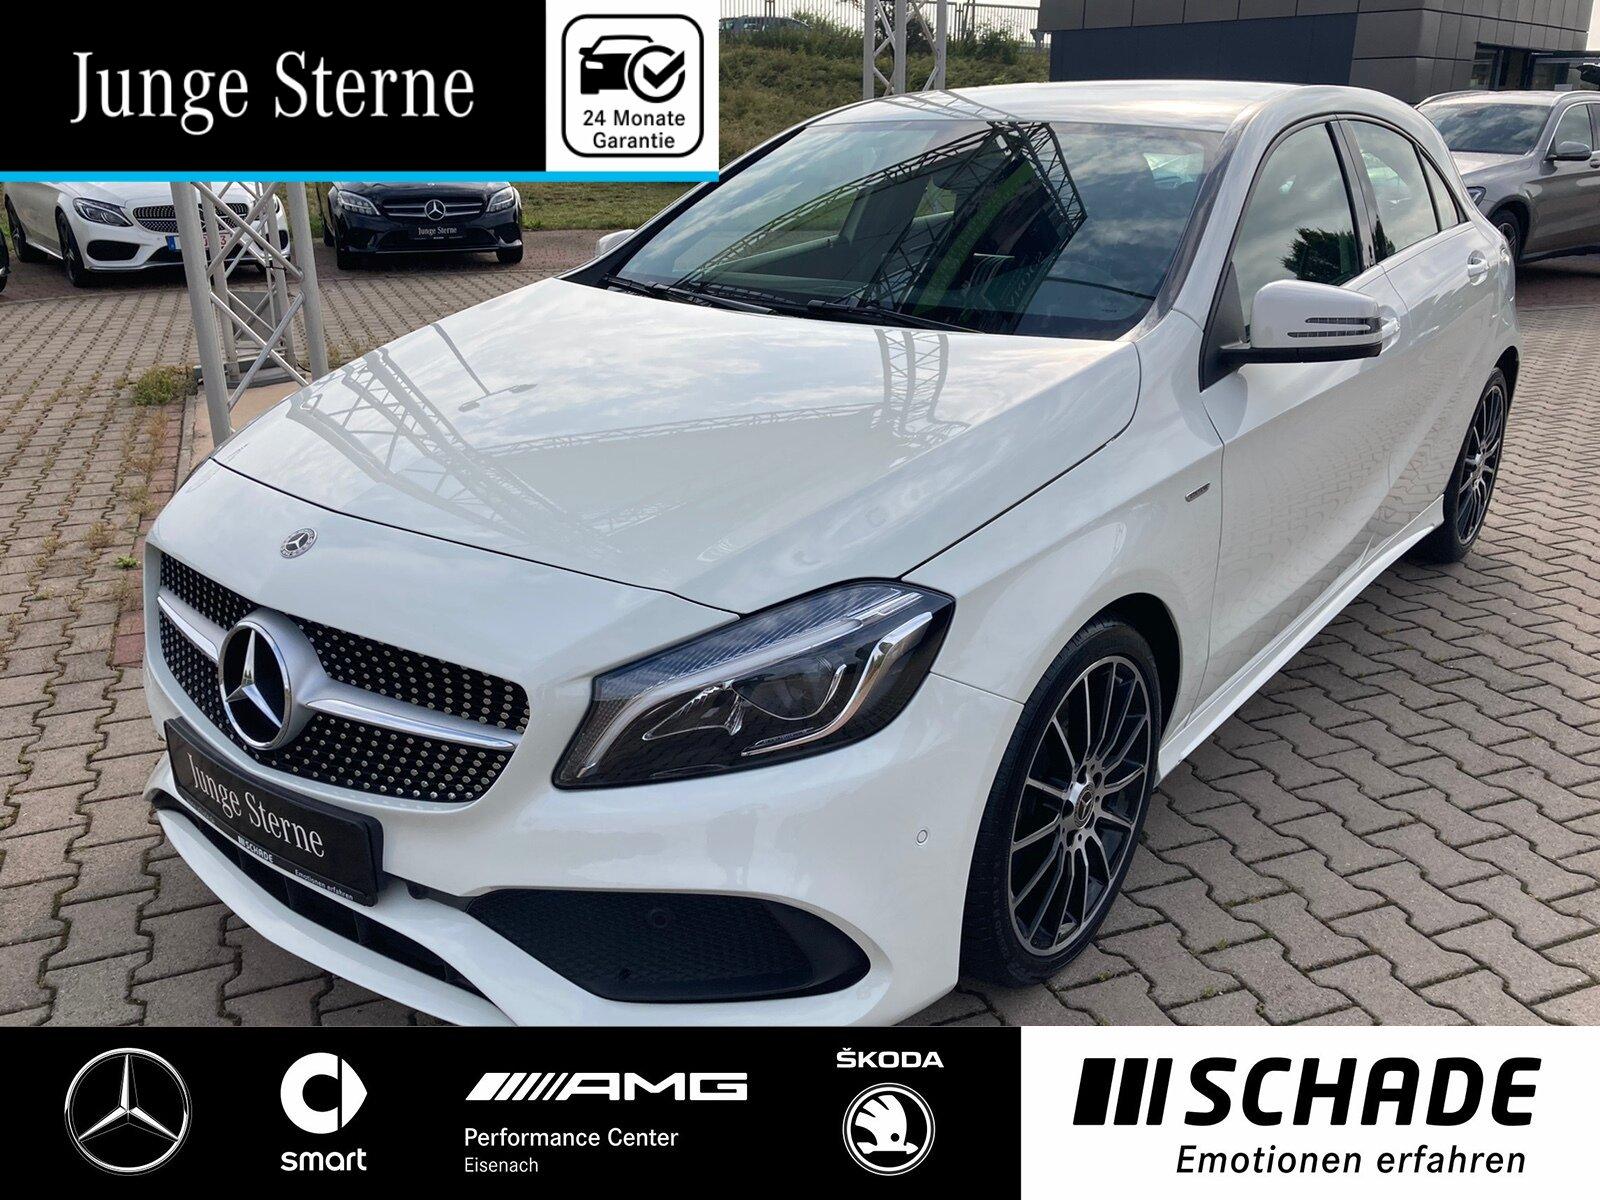 Mercedes-Benz A 220 d AMG Line PEAK LED*Navi*Park Pilot*Sitzhz, Jahr 2017, Diesel